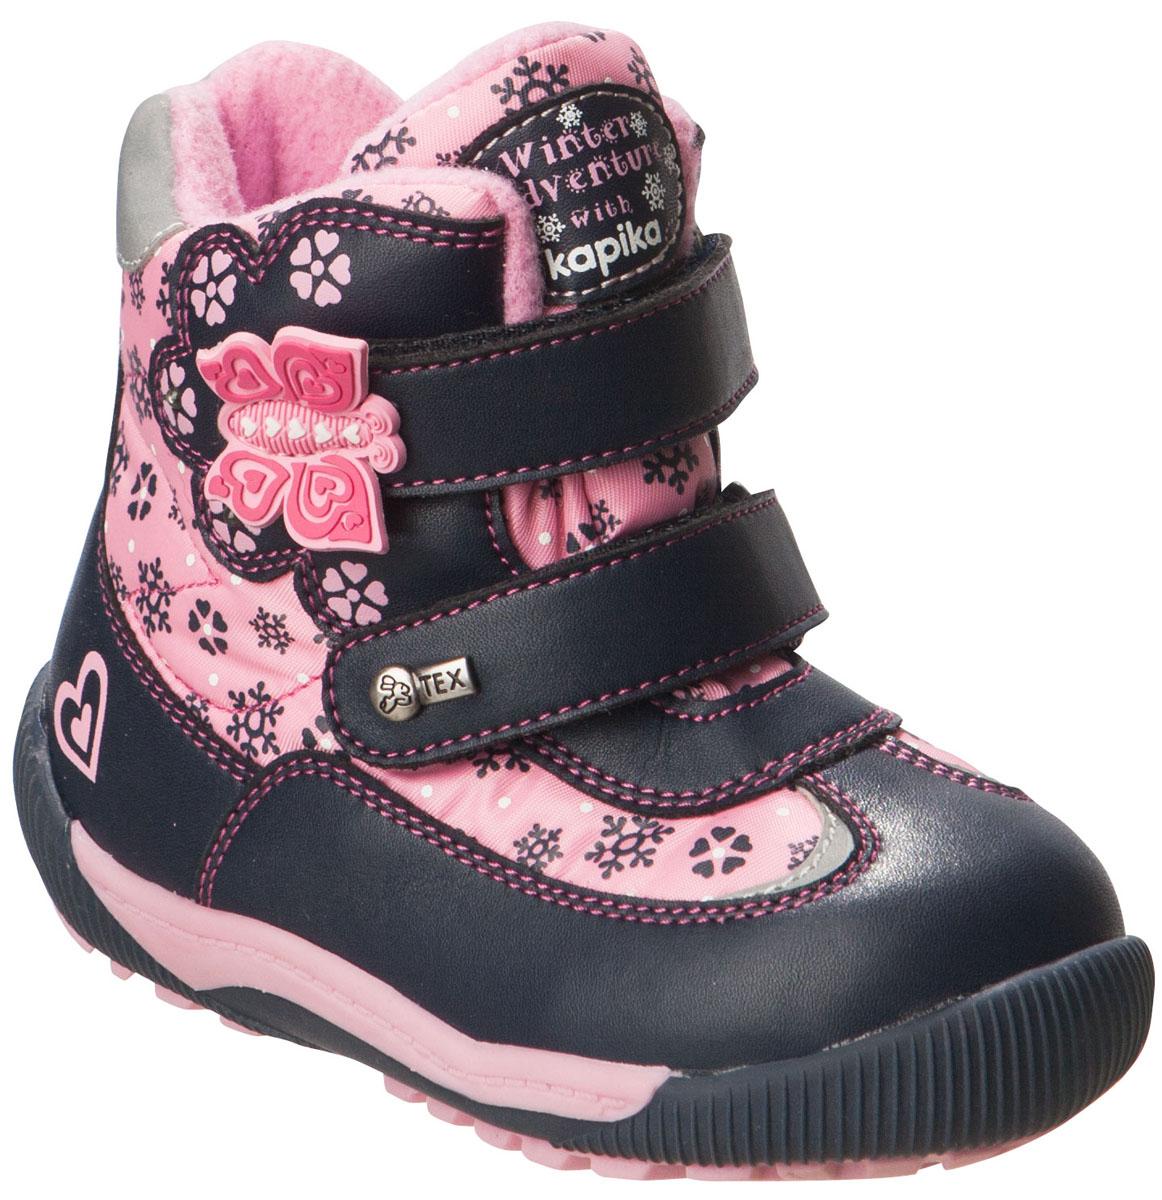 Ботинки для девочки Kapika, цвет: темно-синий, розовый. 41154-1. Размер 2541154-1Удобные высокие ботинки от Kapika придутся по душе вашей дочурке!Модель изготовлена из искусственной кожи и плотного текстиля с применением мембраны. Мембранная обувь называется дышащей, защищает от влаги, своевременно отводит естественные испарения тела и сохраняет комфортный микроклимат при ношении.Изделие оформлено принтом с изображением снежинок и цветов, прострочкой, на язычке - фирменной нашивкой, на ремешках - объёмной аппликацией из ПВХ виде бабочки и металлическим элементом логотипа бренда. Два ремешка на застежках-липучках надежно фиксируют изделие на ноге. Мягкая подкладка и стелька исполненные из текстиля, на 80% состоящего из натурального овечьего шерстяного меха, обеспечивают тепло и надежно защищают от холода. Рифление на подошве гарантирует идеальное сцепление с любыми поверхностями.Стильные ботинки займут достойное место в гардеробе вашего ребенка, они идеально подойдут для теплой зимы, а также поздней осени и ранней весны.